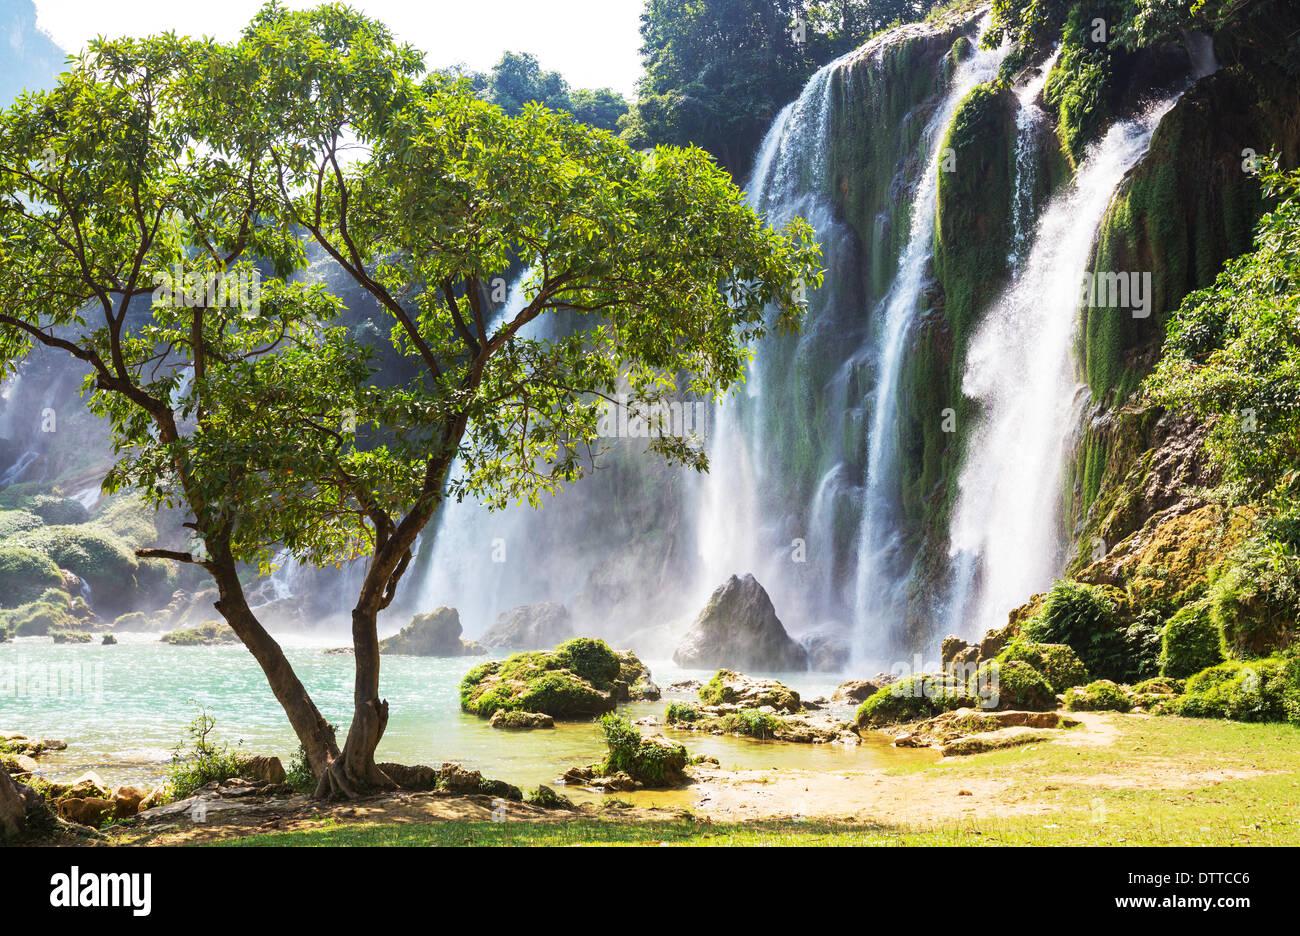 Waterfall in Vietnam - Stock Image